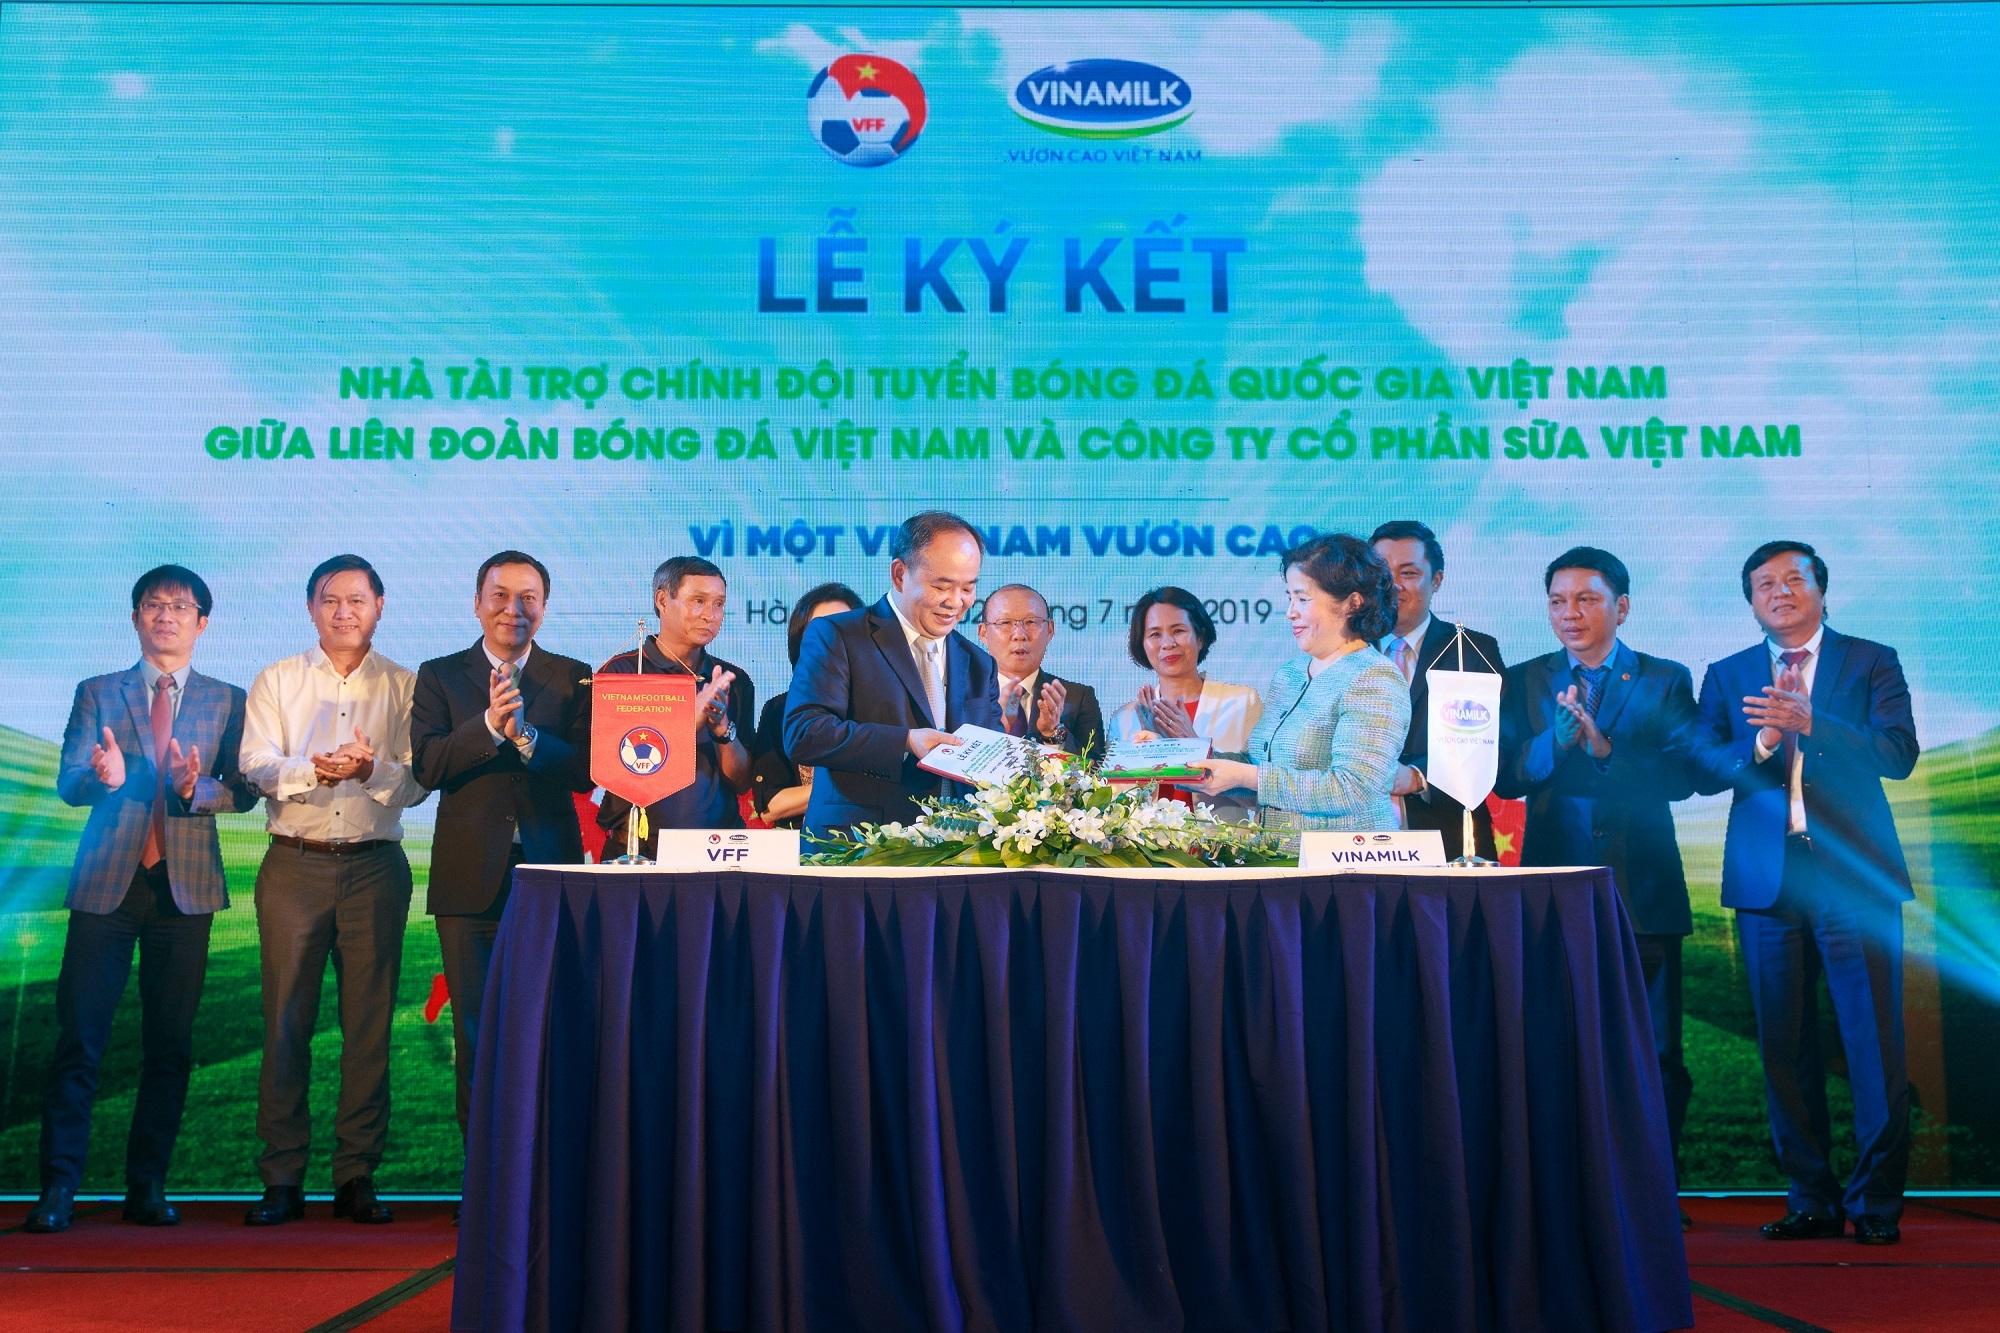 Vinamilk tài trợ chính thức cho các đội tuyển bóng đá quốc gia vì một Việt Nam vươn cao - Ảnh 1